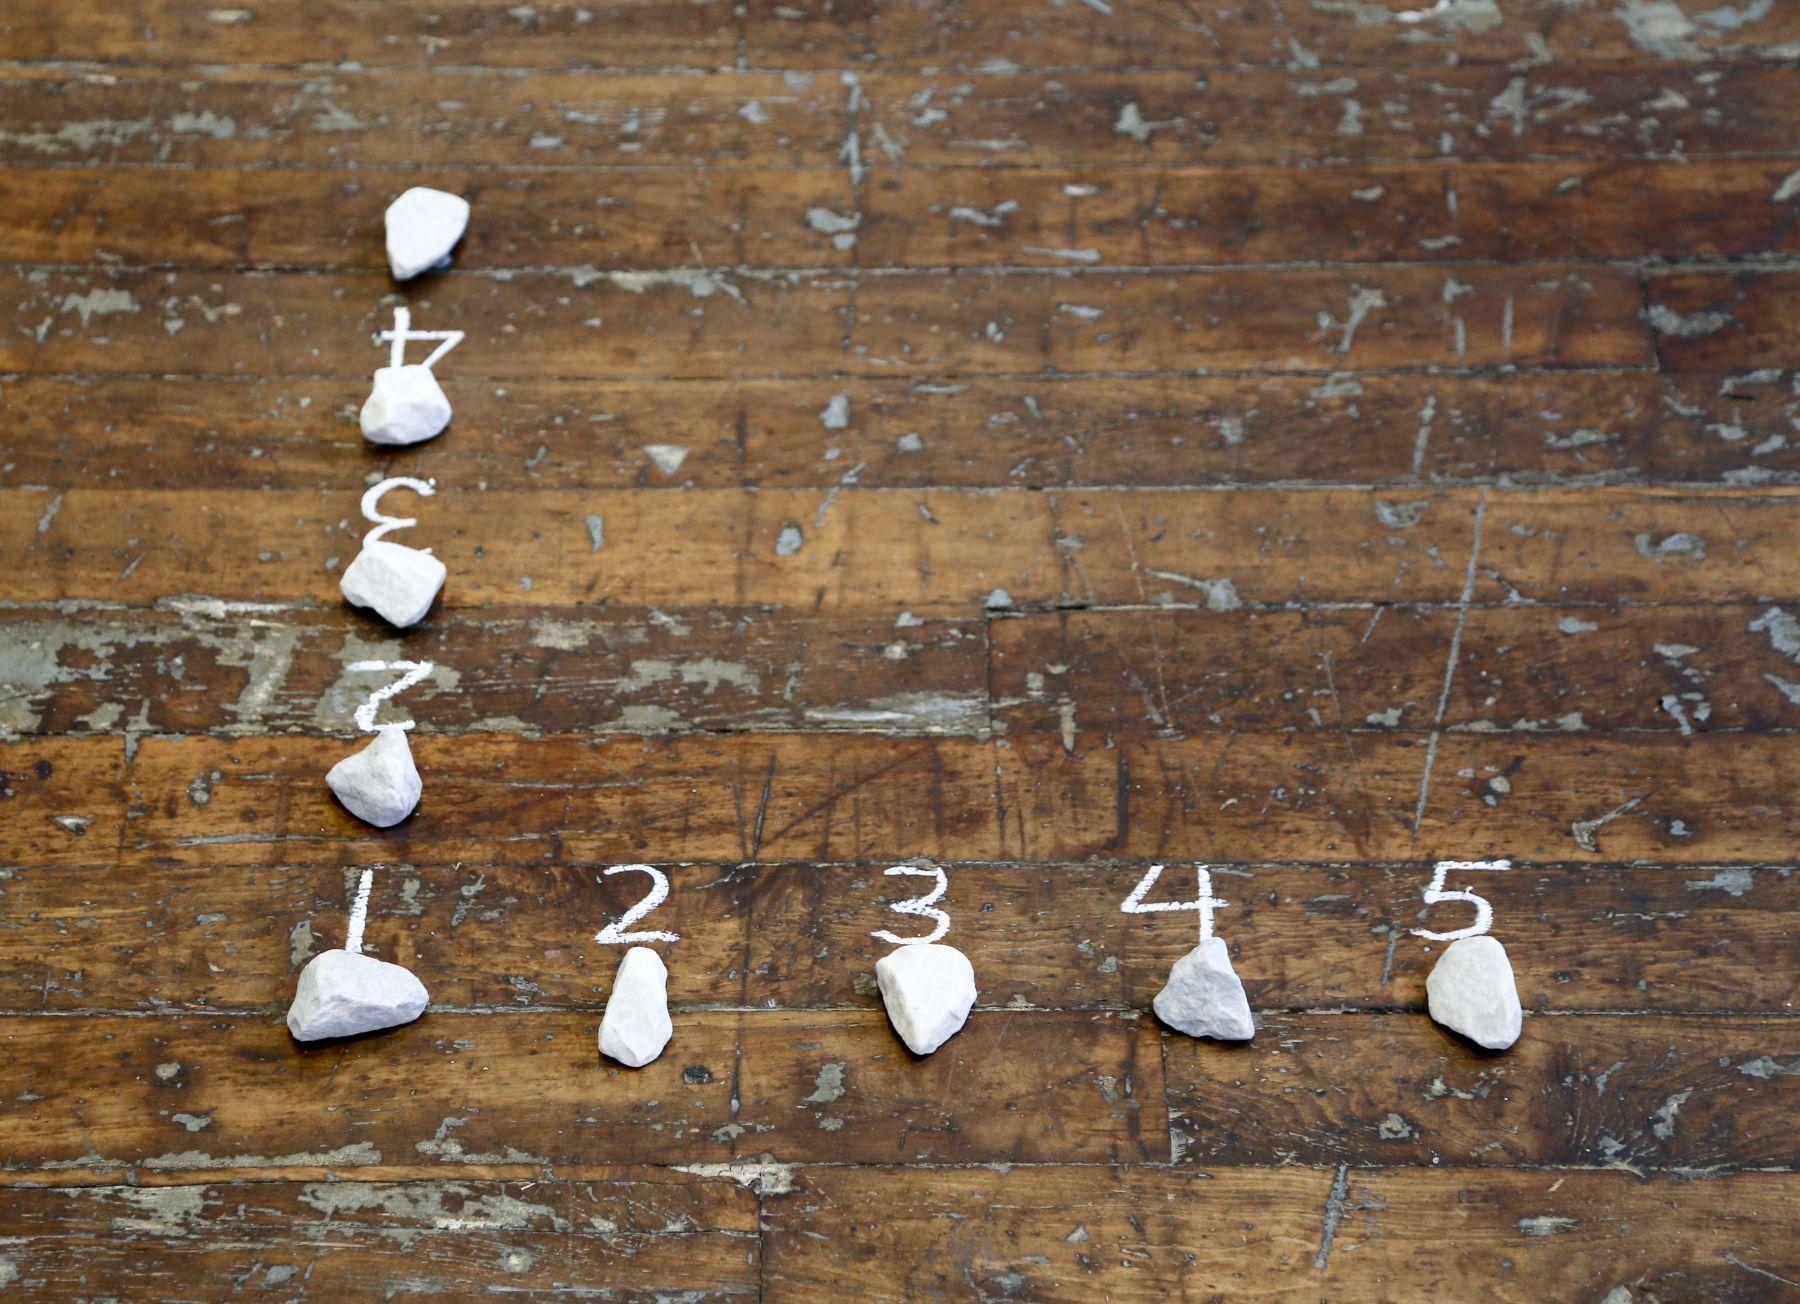 Mel Bochner 5 Stones / 4 Spaces (Hinge)